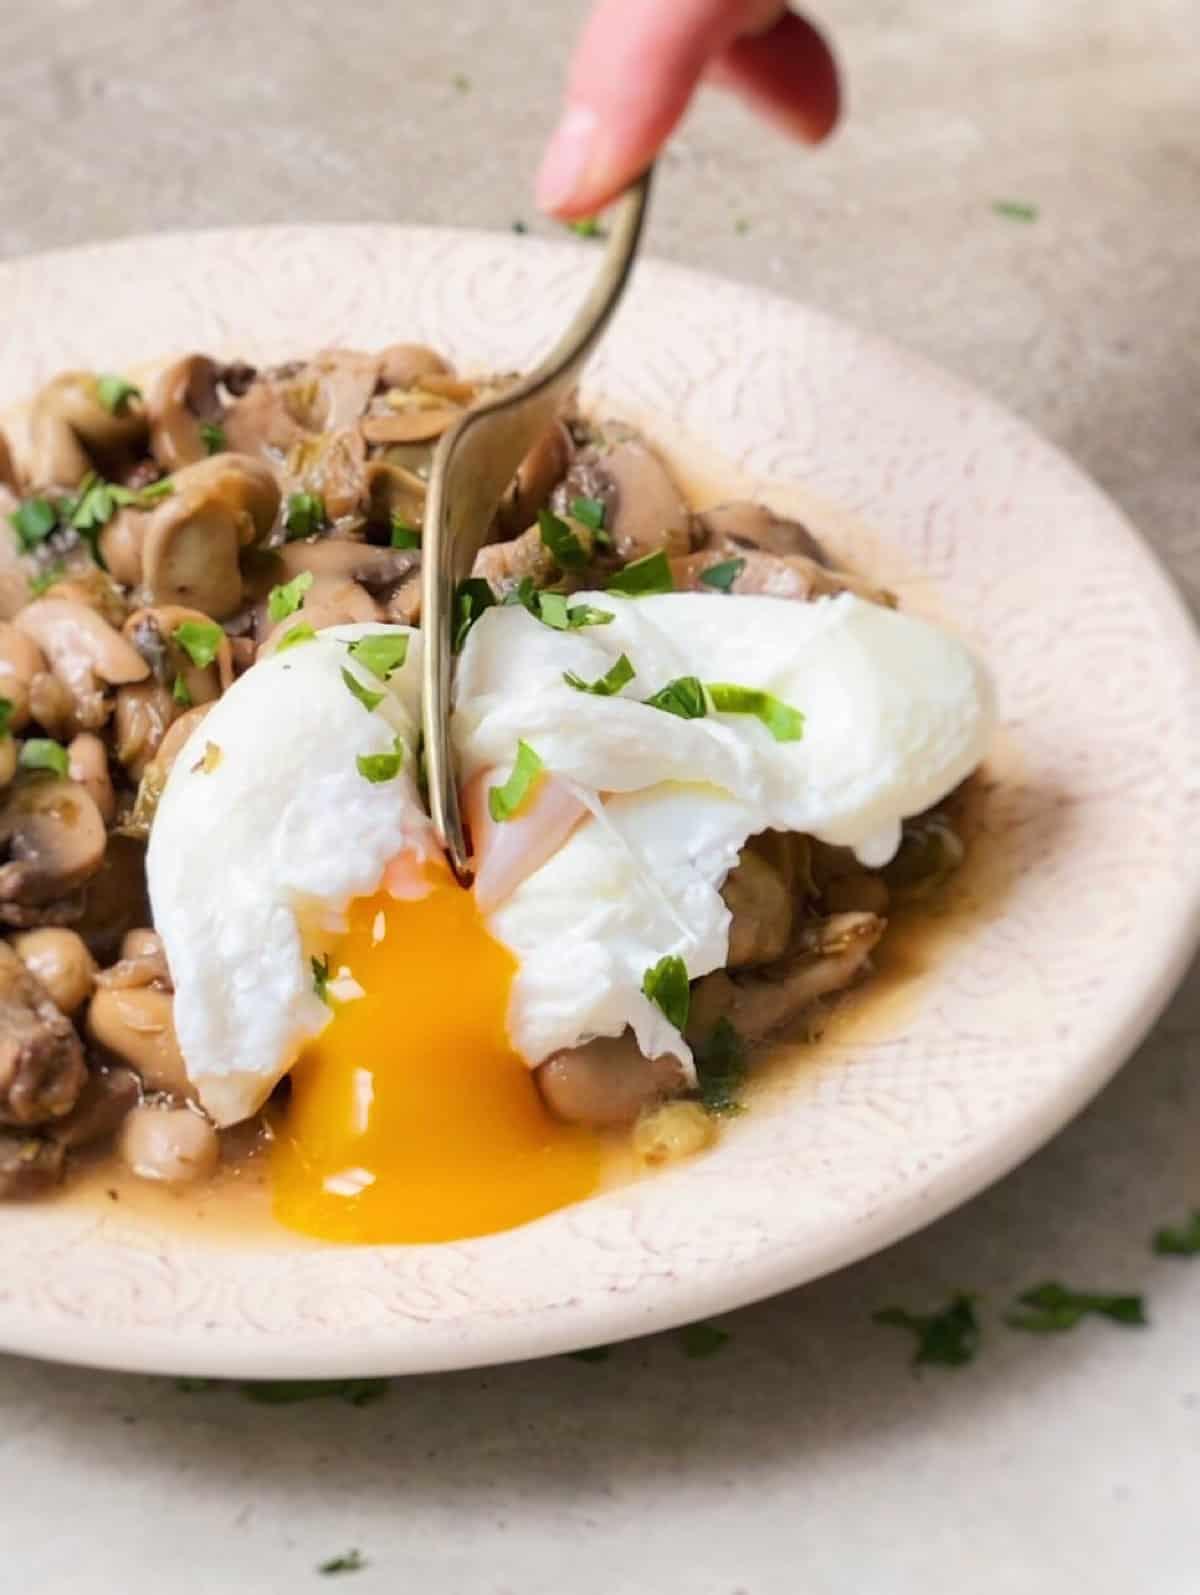 Receta de habas con huevo escalfado